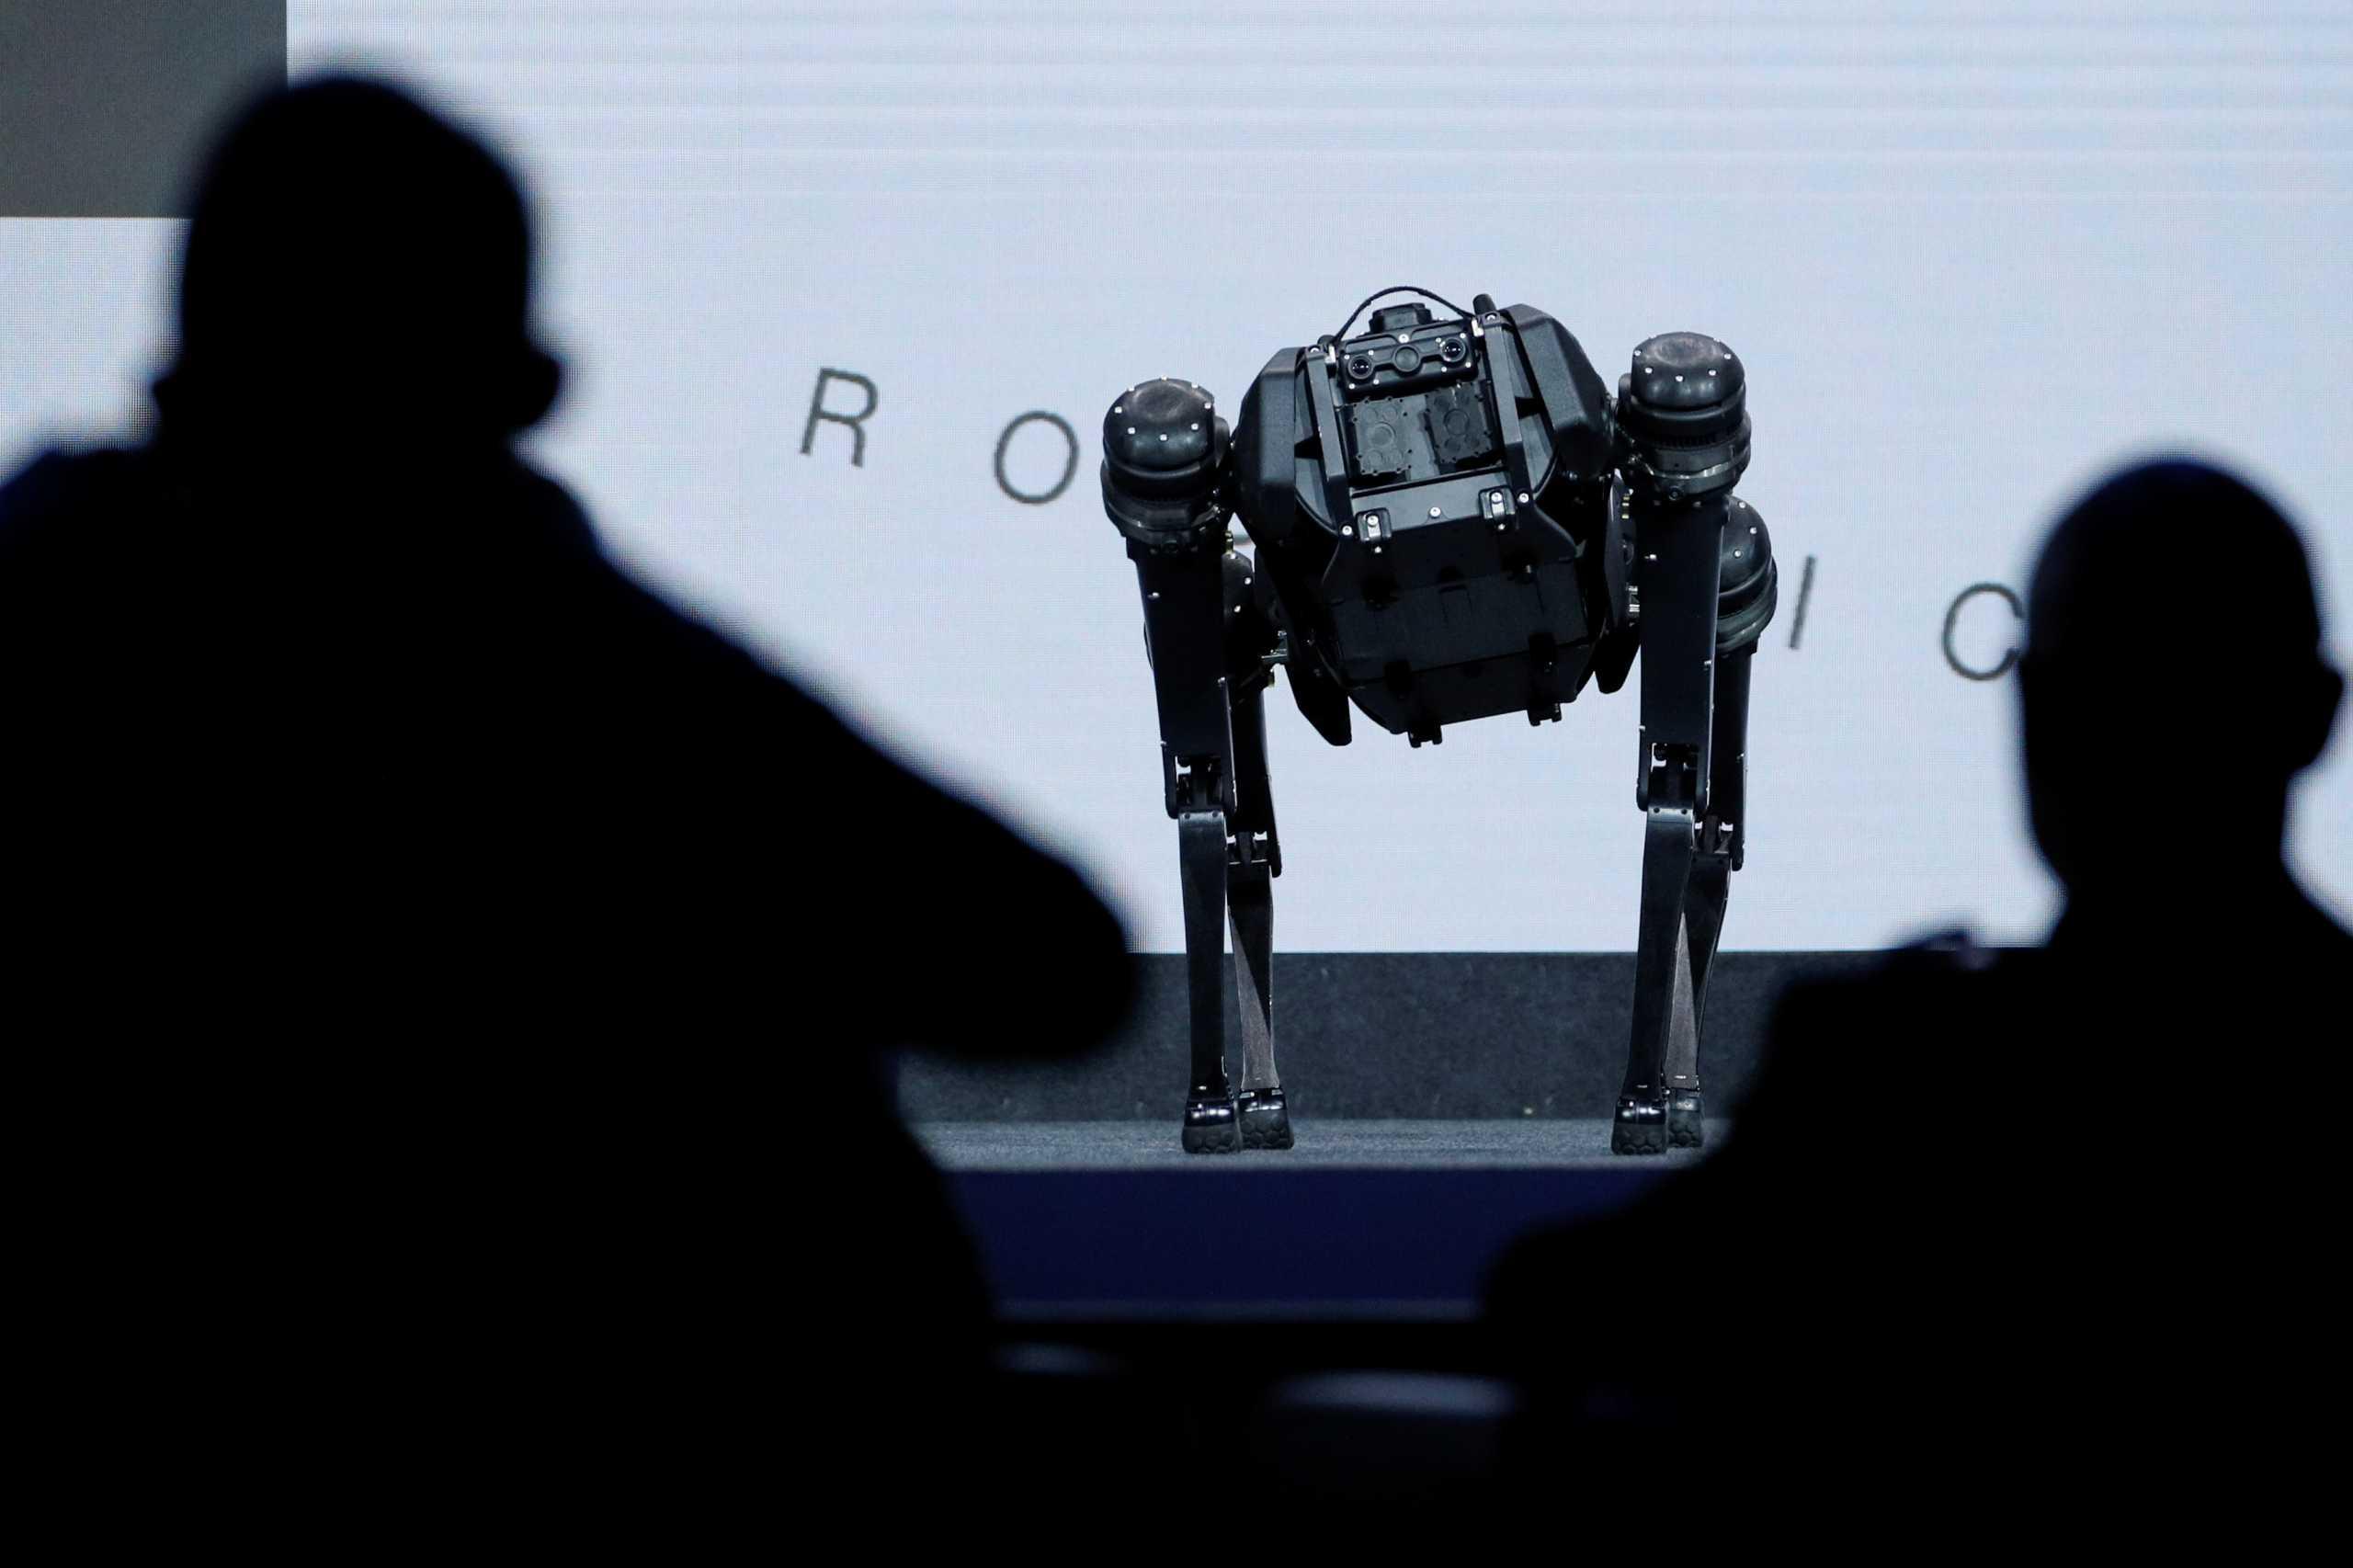 Κορονοϊός: 100 ρομπότ απολύμανσης παραδόθηκαν σε ευρωπαϊκά νοσοκομεία